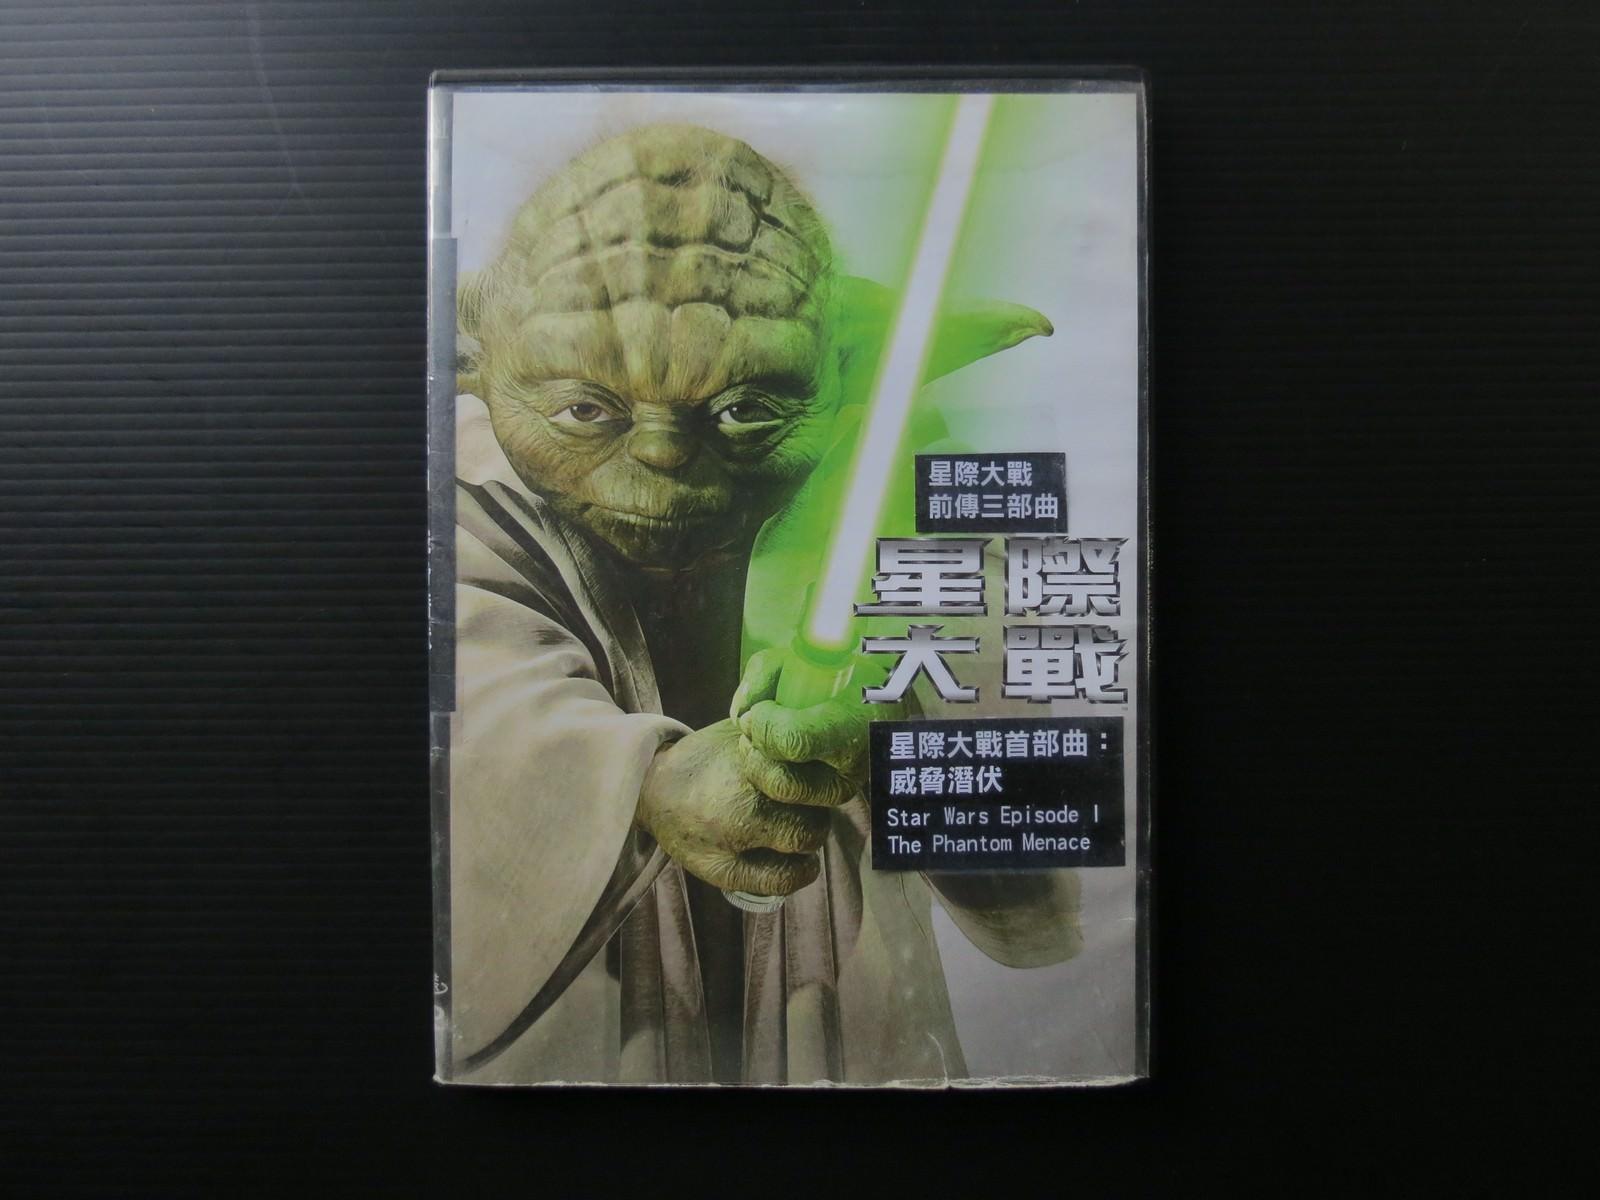 Movie, Star Wars: Episode I - The Phantom Menace(美國, 1999) / 星際大戰首部曲:威脅潛伏(台灣) / 星球大战前传:幽灵的威胁(中國) / 星球大戰前傳:魅影危機(香港), 電影DVD